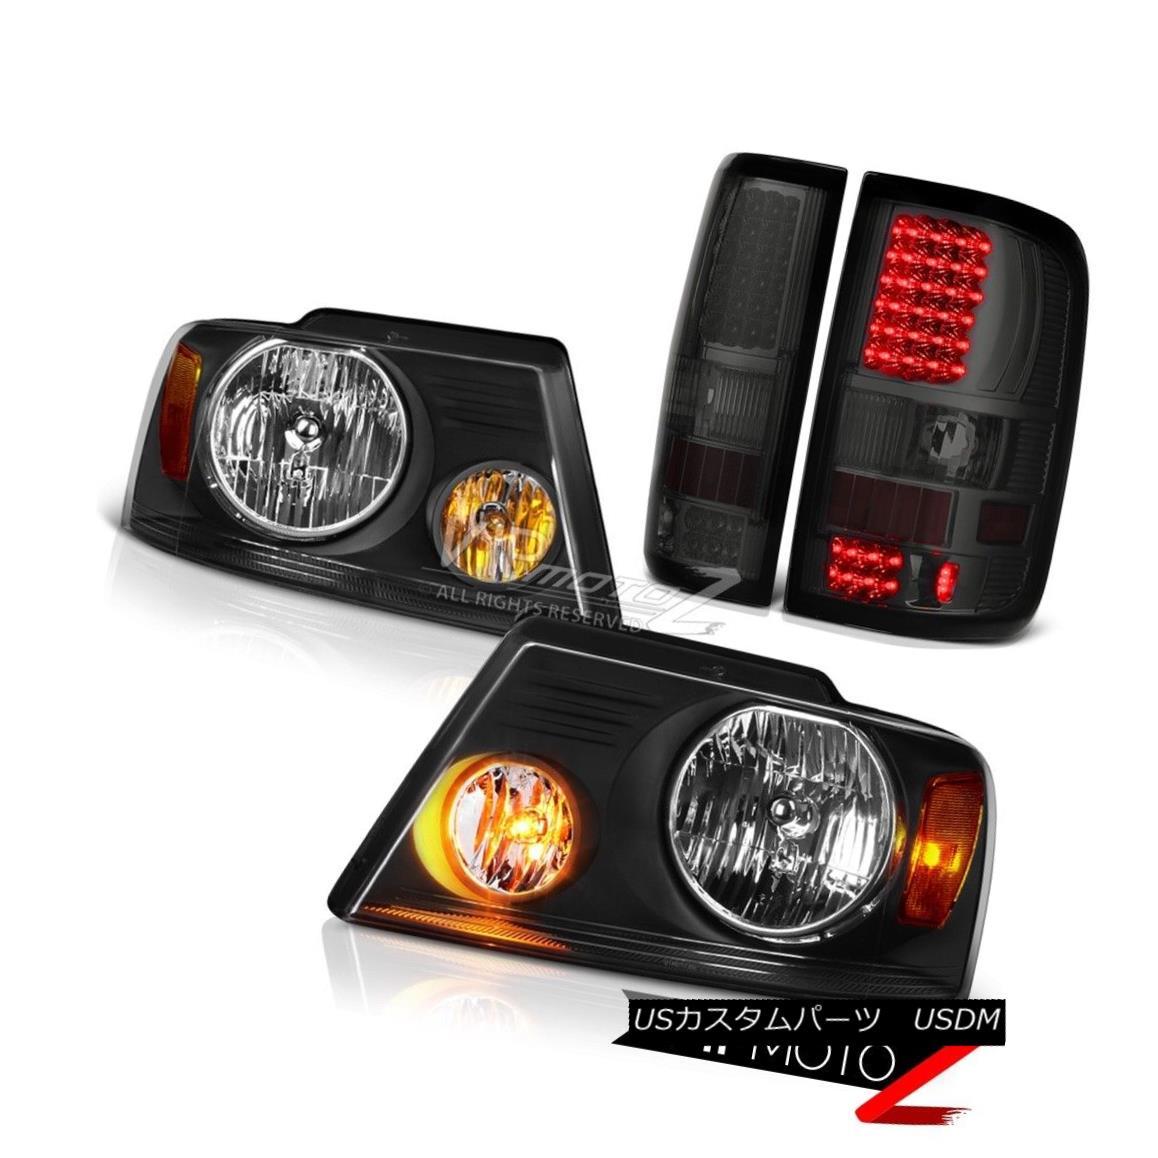 ヘッドライト SMOKE LED Rear Tail Lights Black Amber Headlights 2004 2005 2006 2007 2008 F150 SMOKE LEDリアテールライトブラックアンバーヘッドライト2004 2005 2006 2007 2008 F150